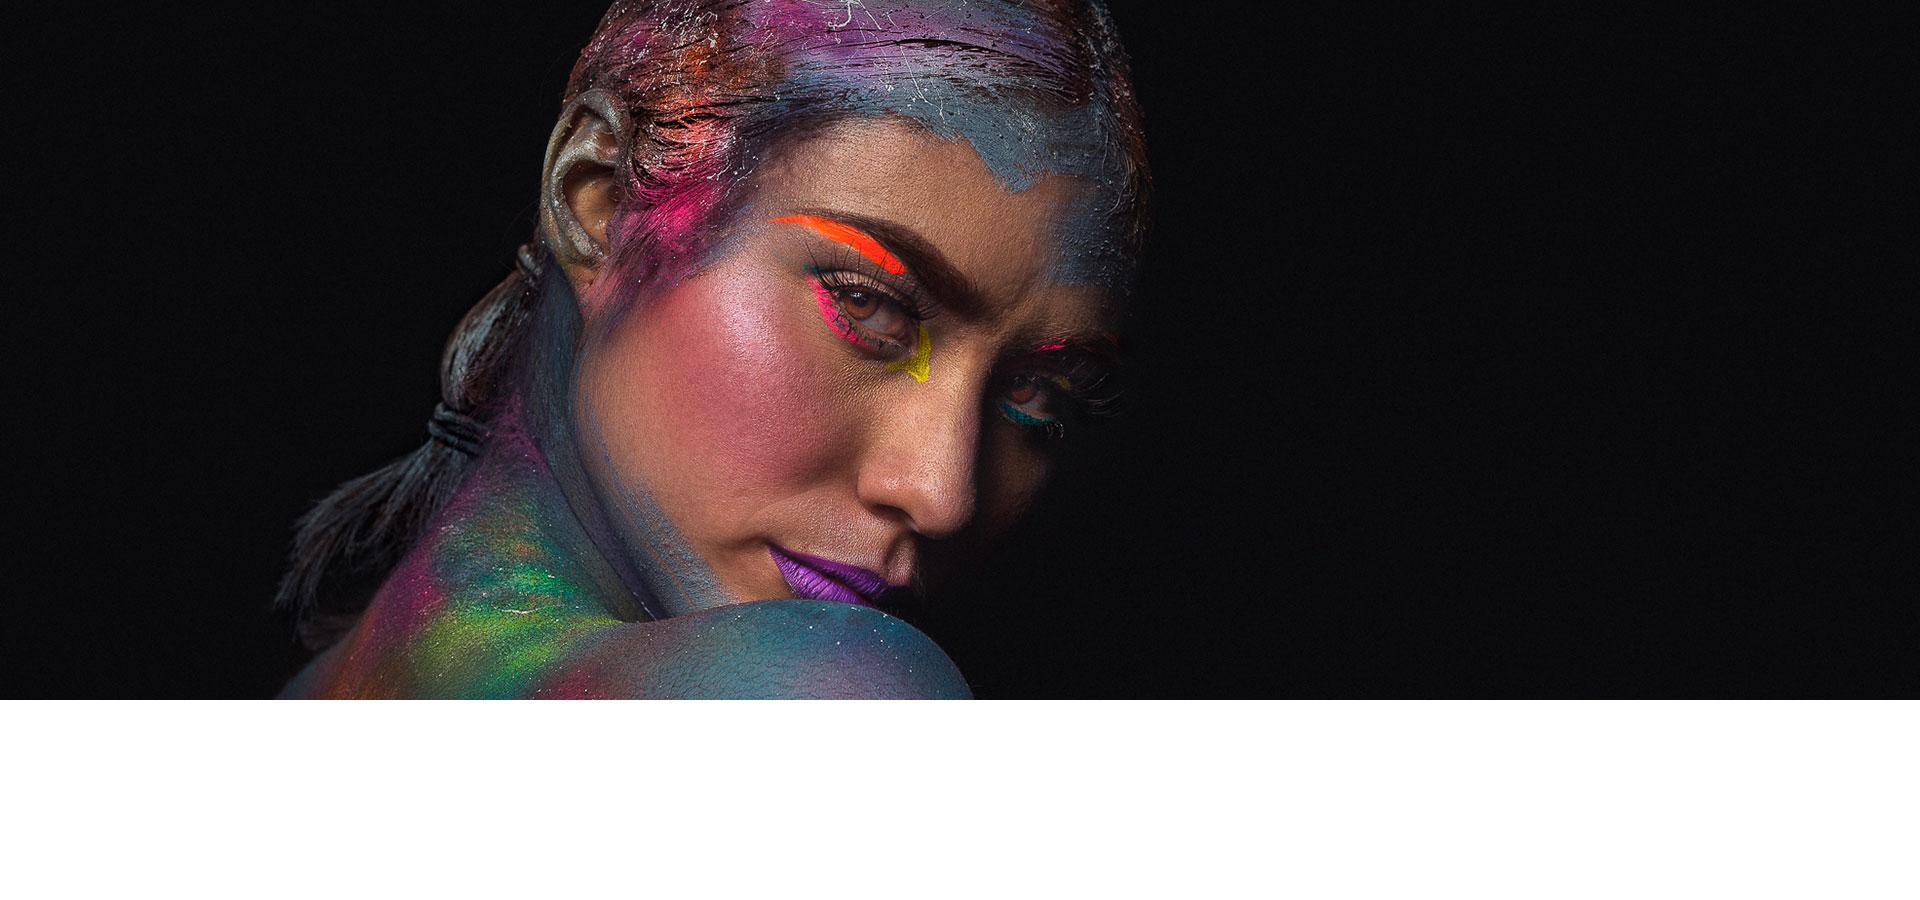 妇女黑色背景与多彩化妆